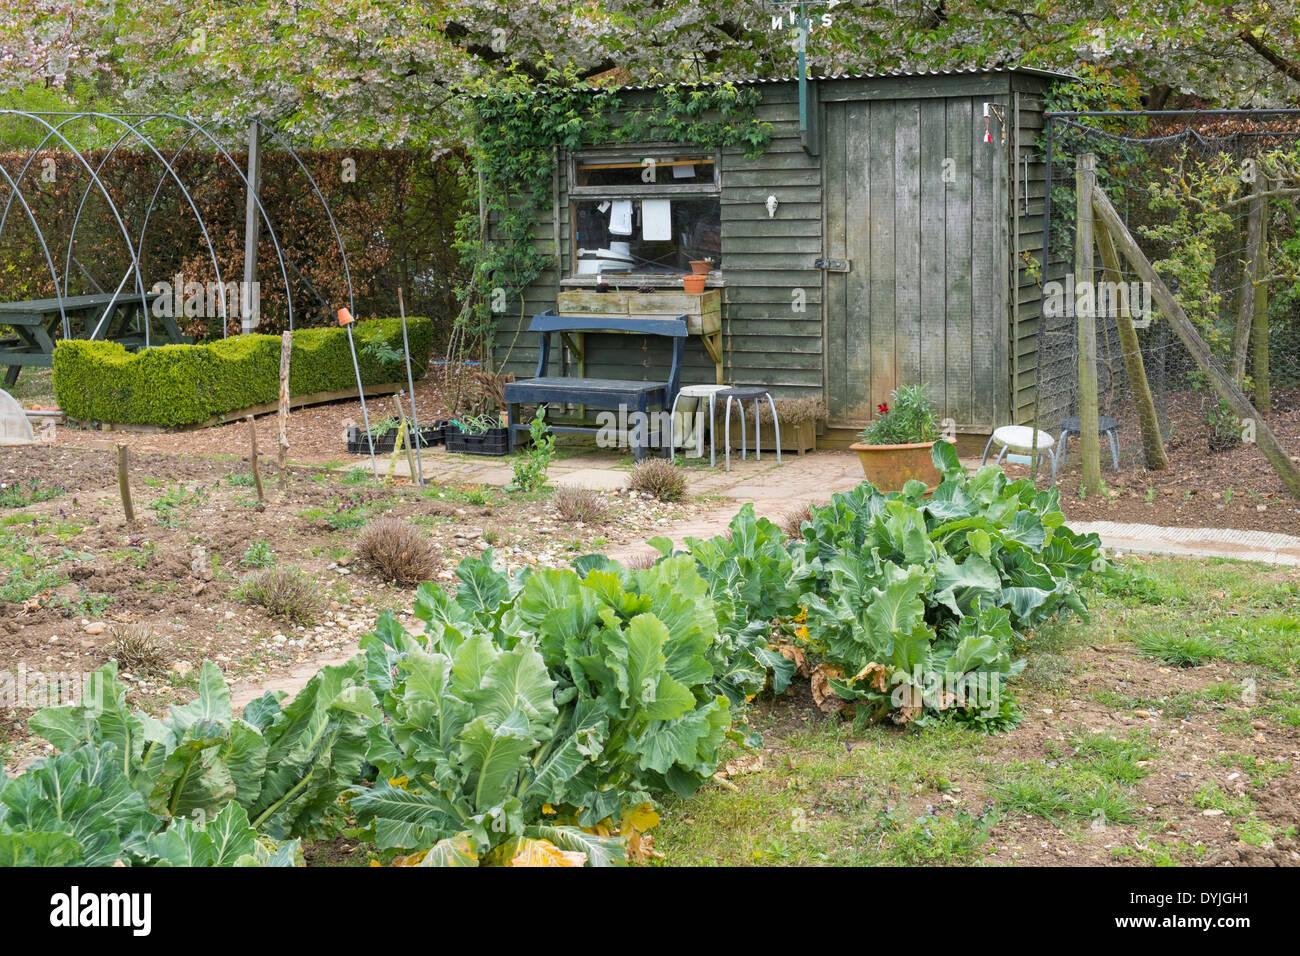 garden shed uk stockfotos garden shed uk bilder alamy. Black Bedroom Furniture Sets. Home Design Ideas